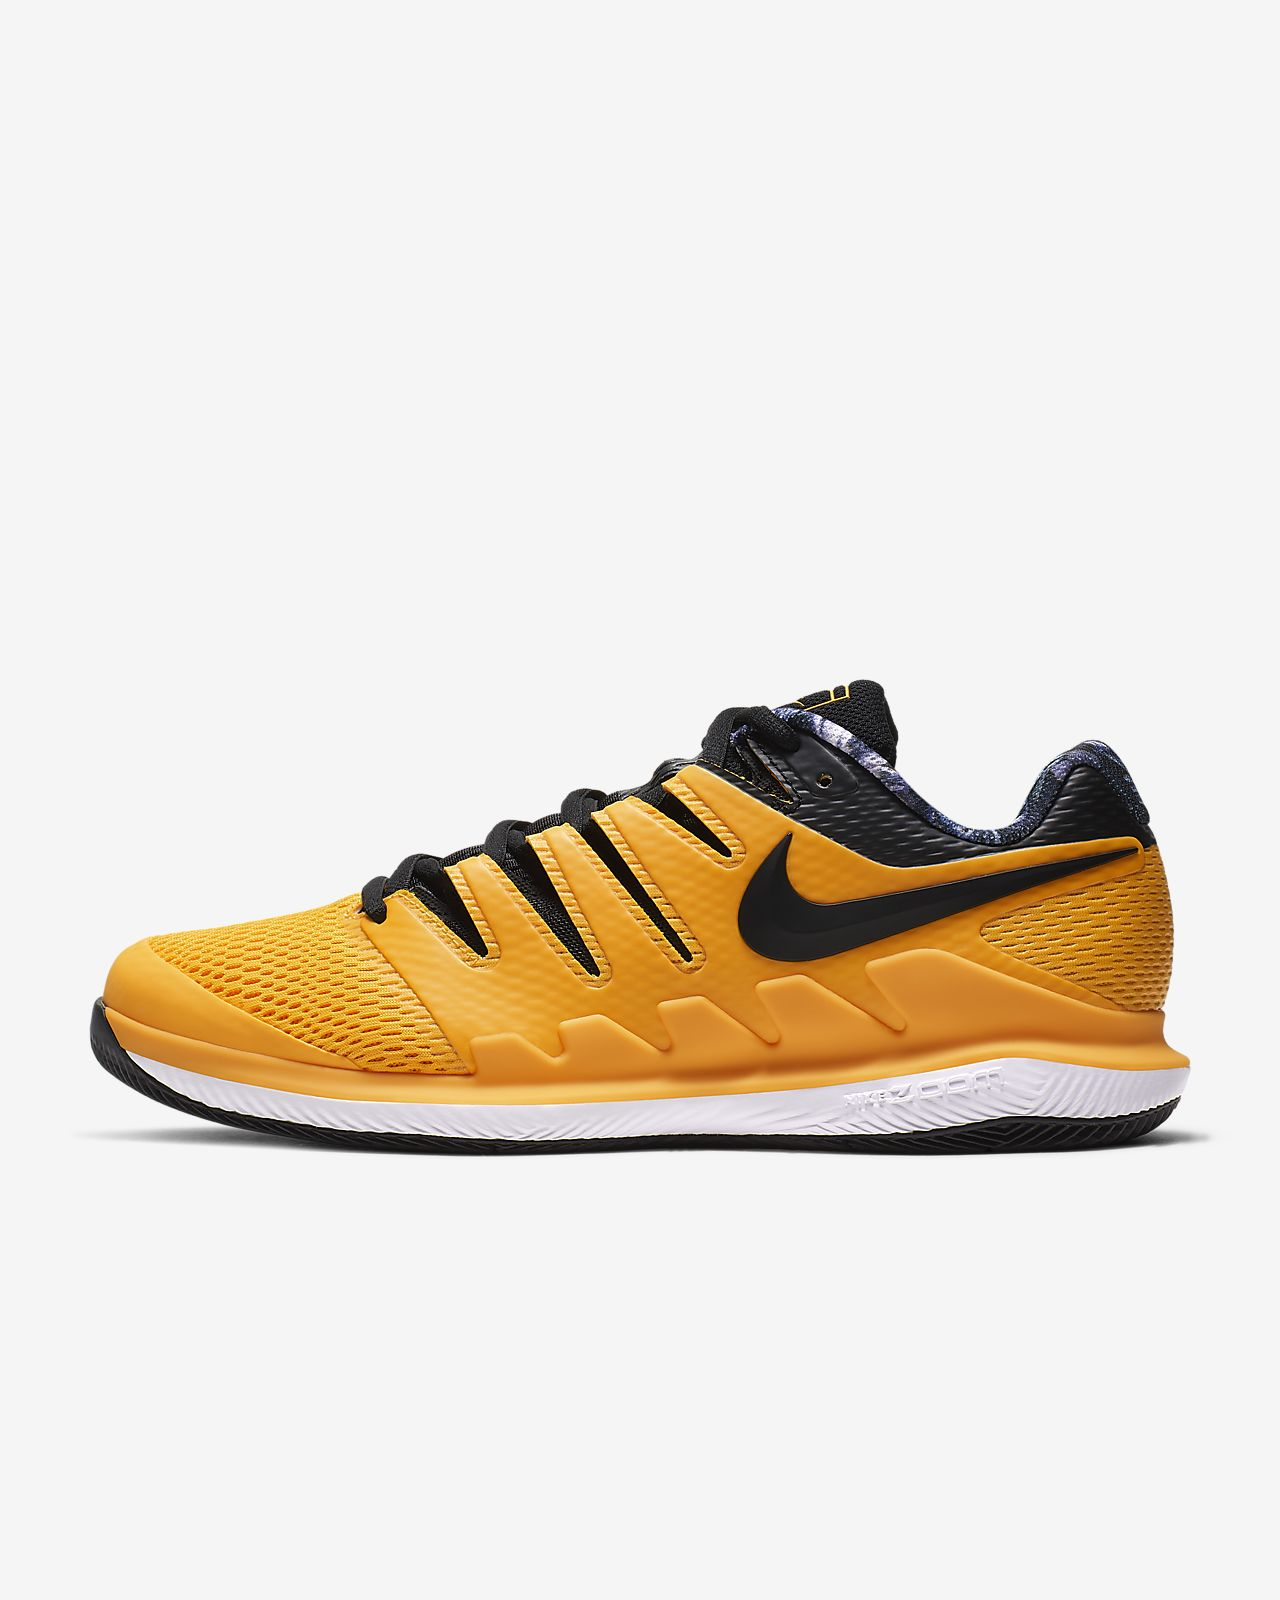 27d2f93f6 ... NikeCourt Air Zoom Vapor X Zapatillas de tenis de pista rápida - Hombre